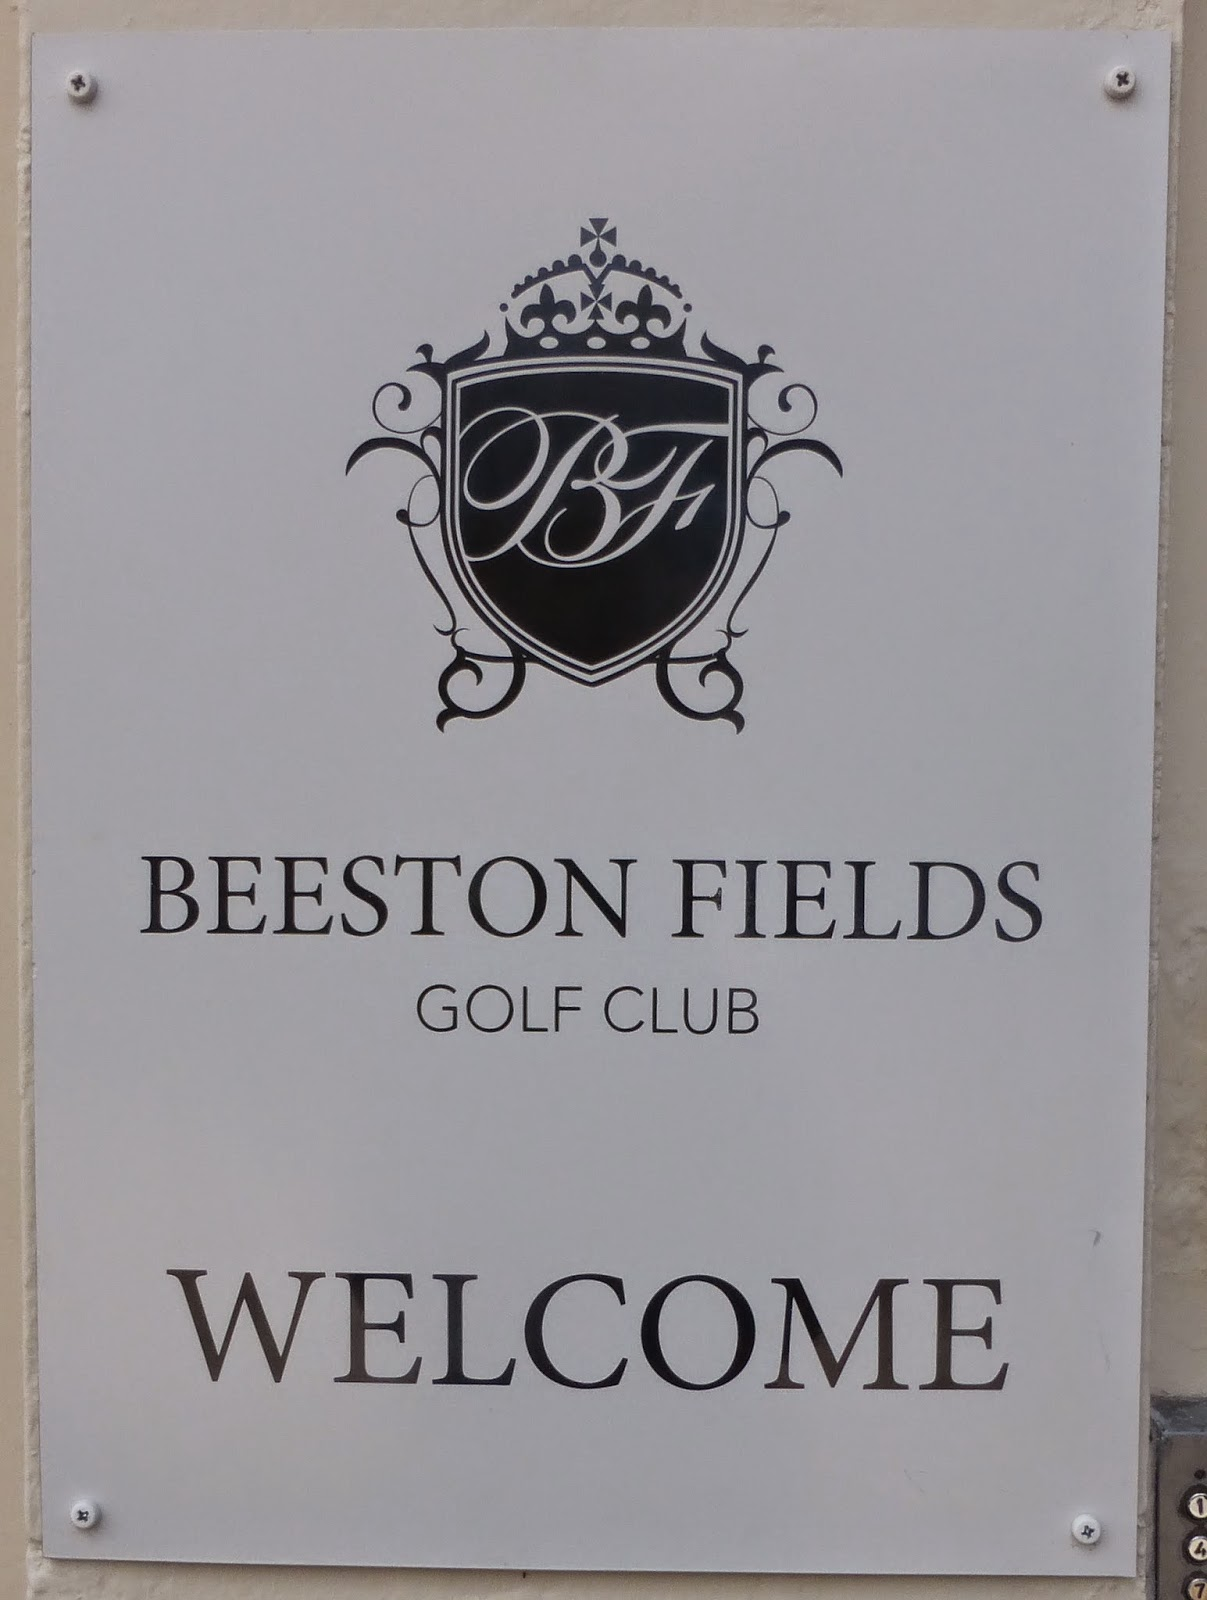 Spring Fair At Beeston Fields Golf Club